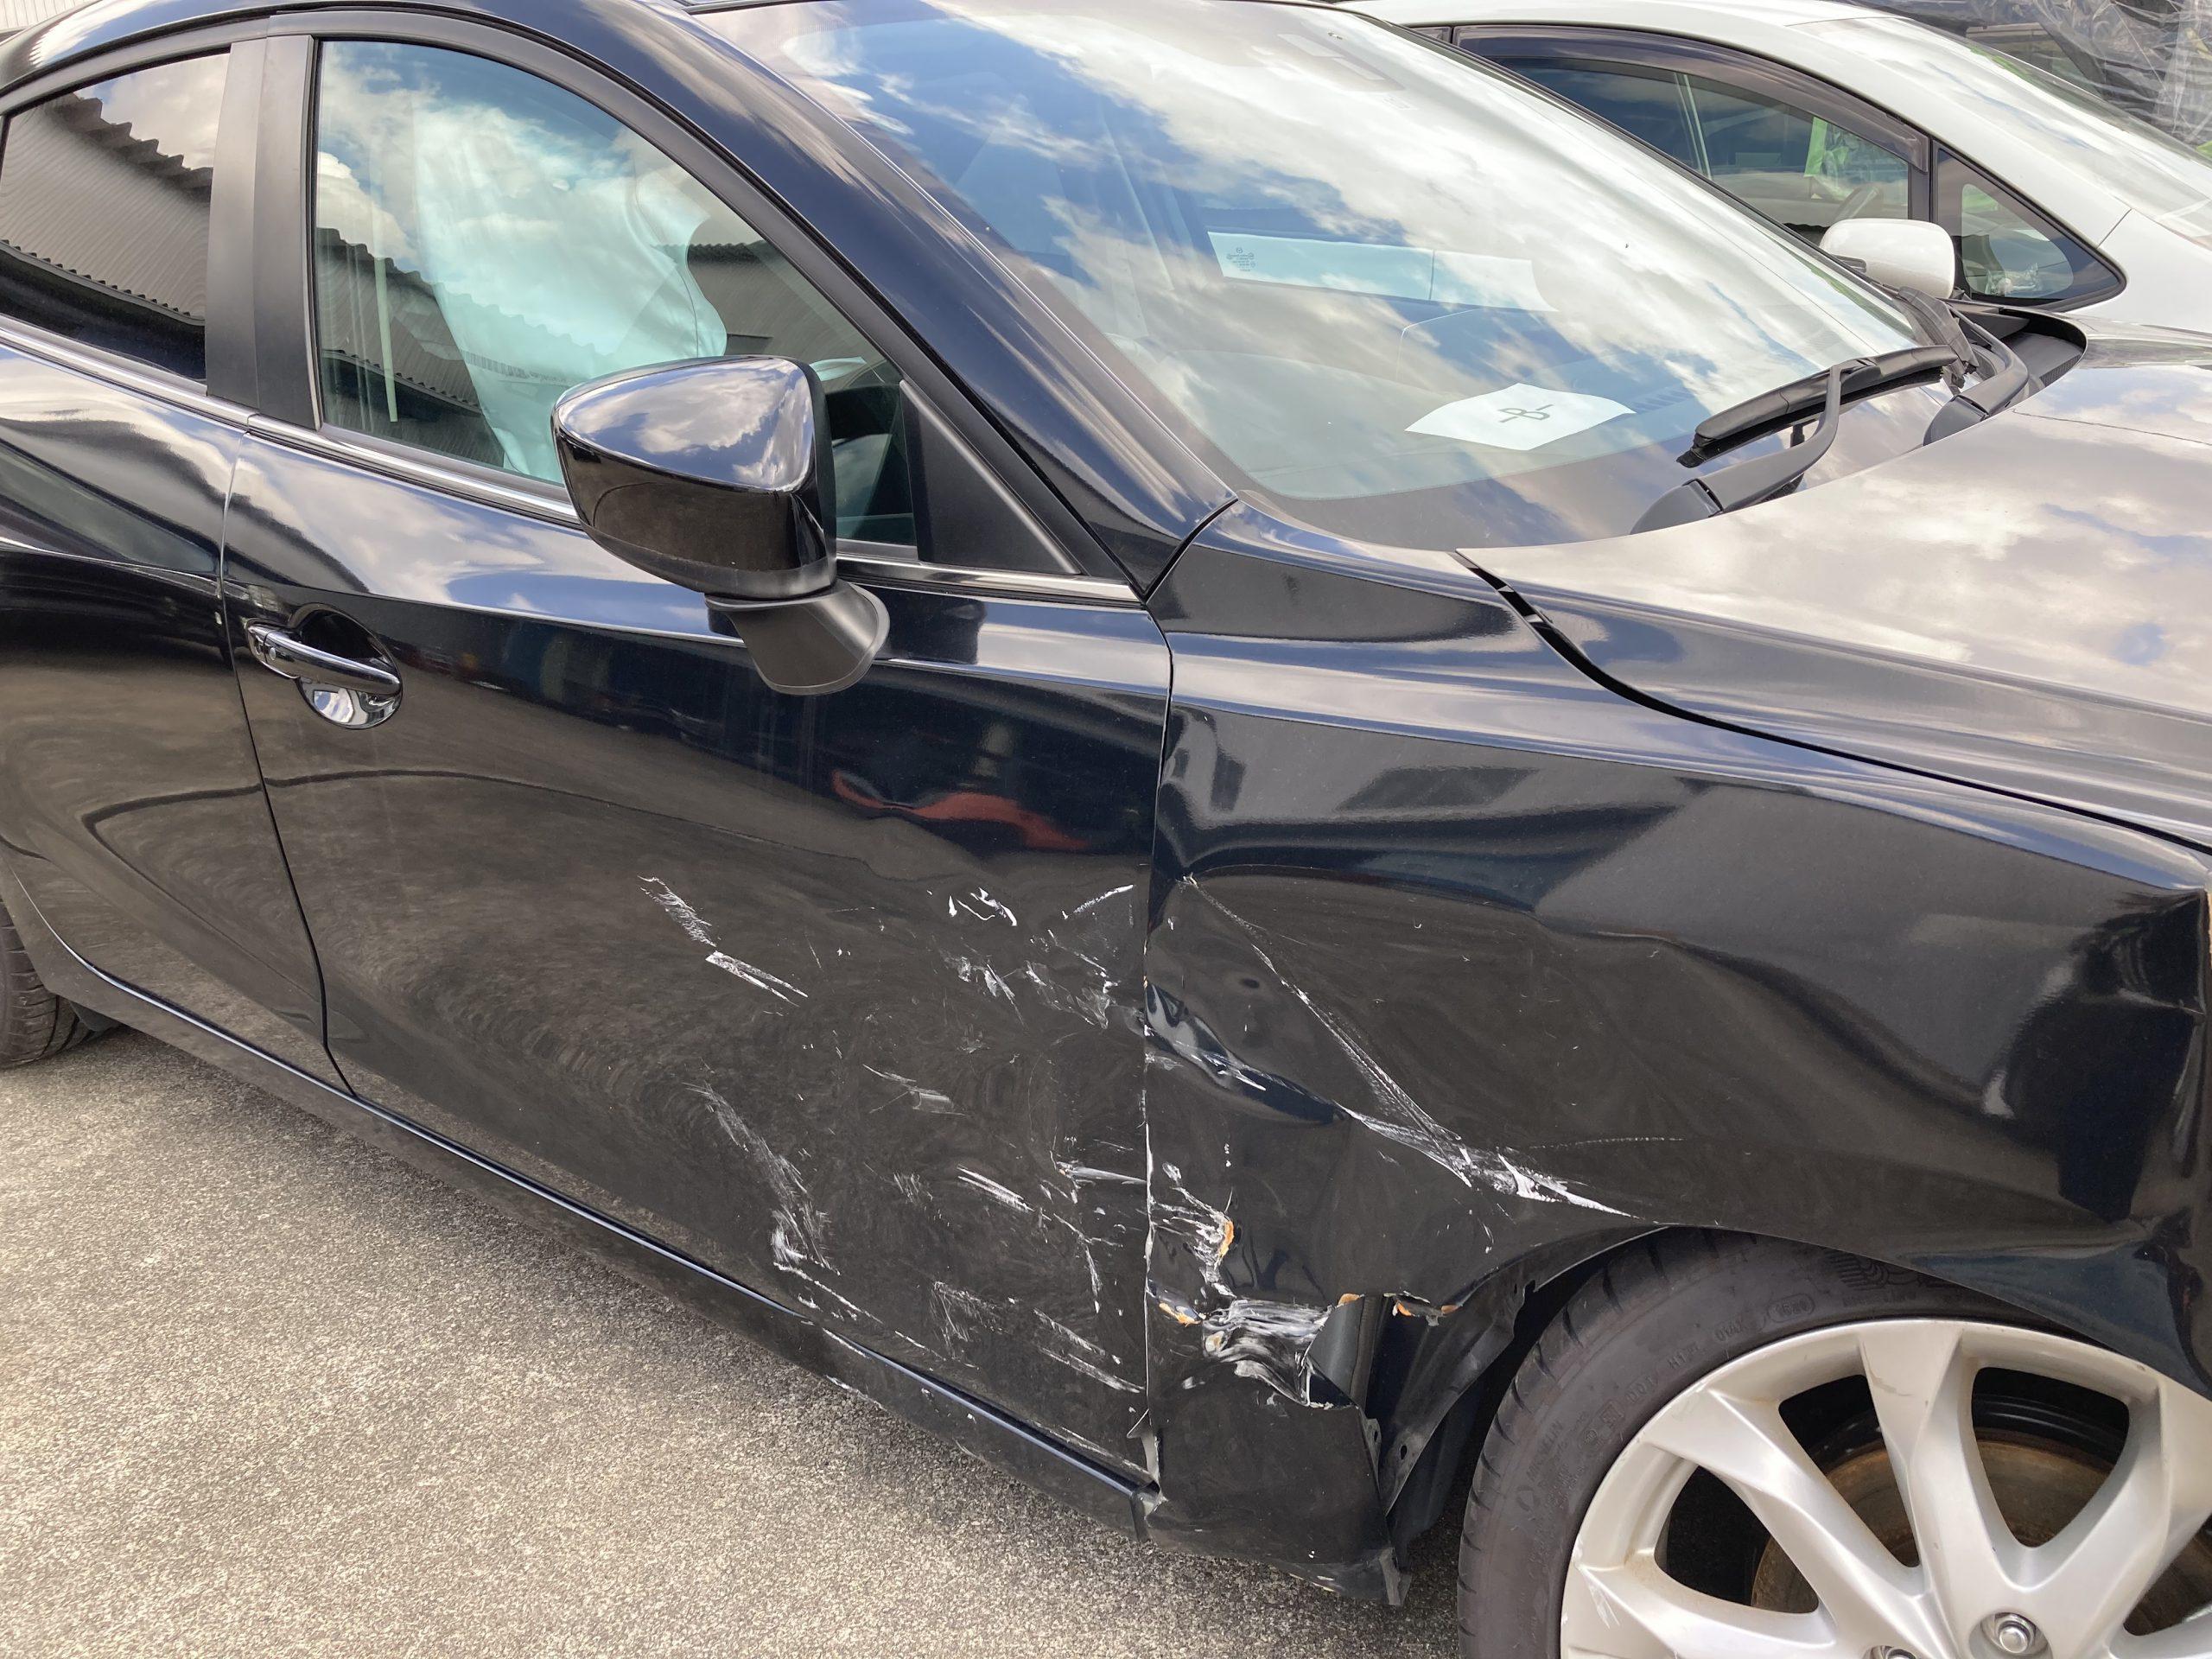 事故で損傷し、一部のエアバックが作動した状態